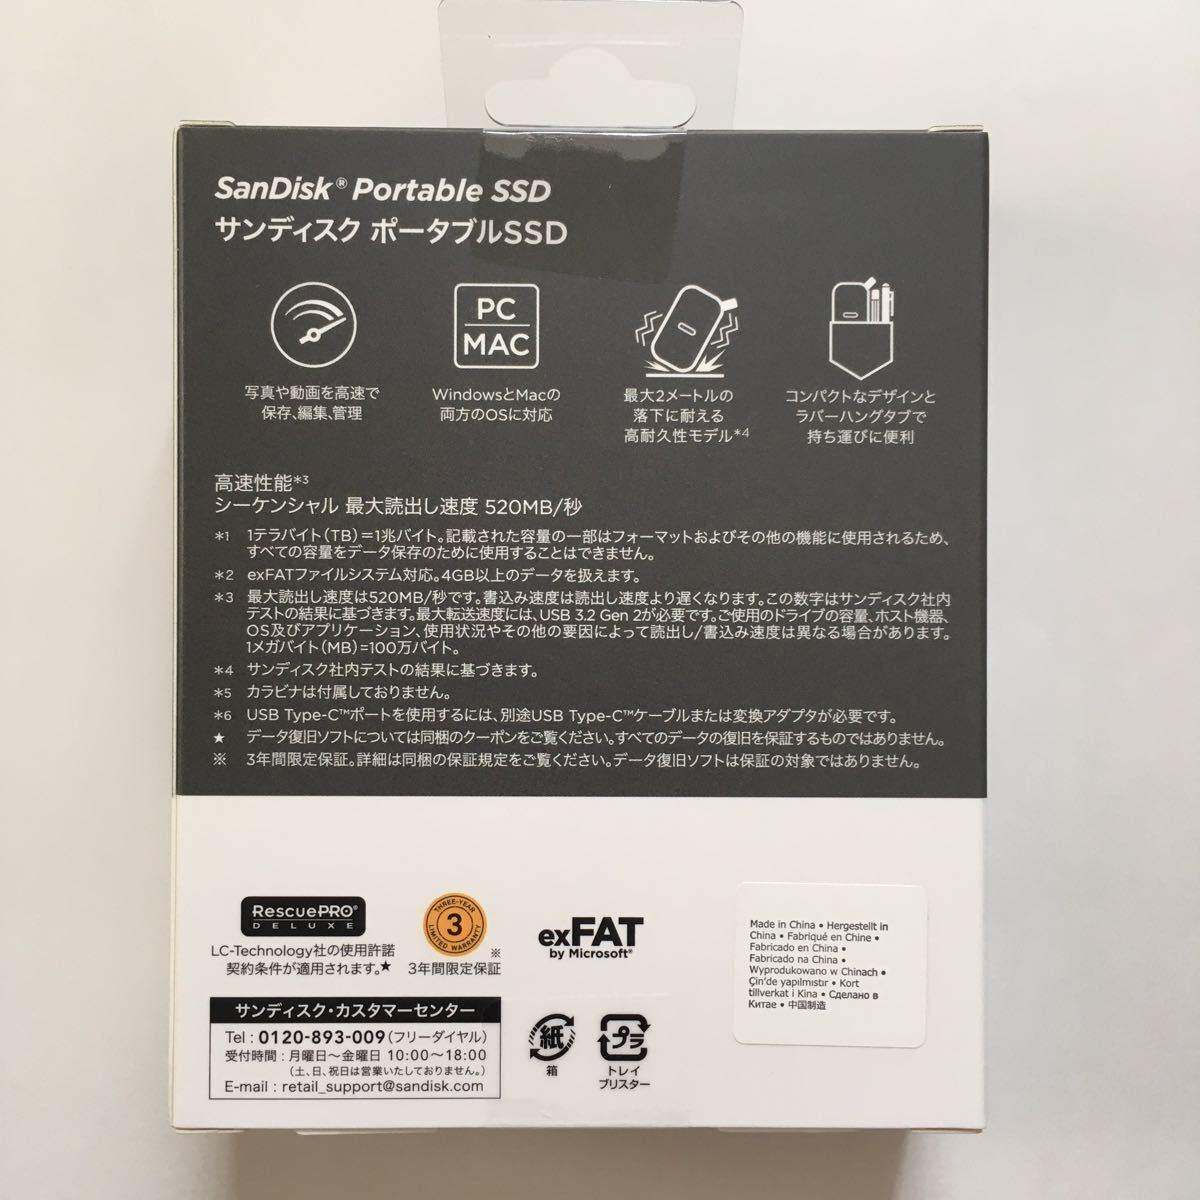 【新品未開封】サンディスク ポータブルSSD 1TB  SanDisk